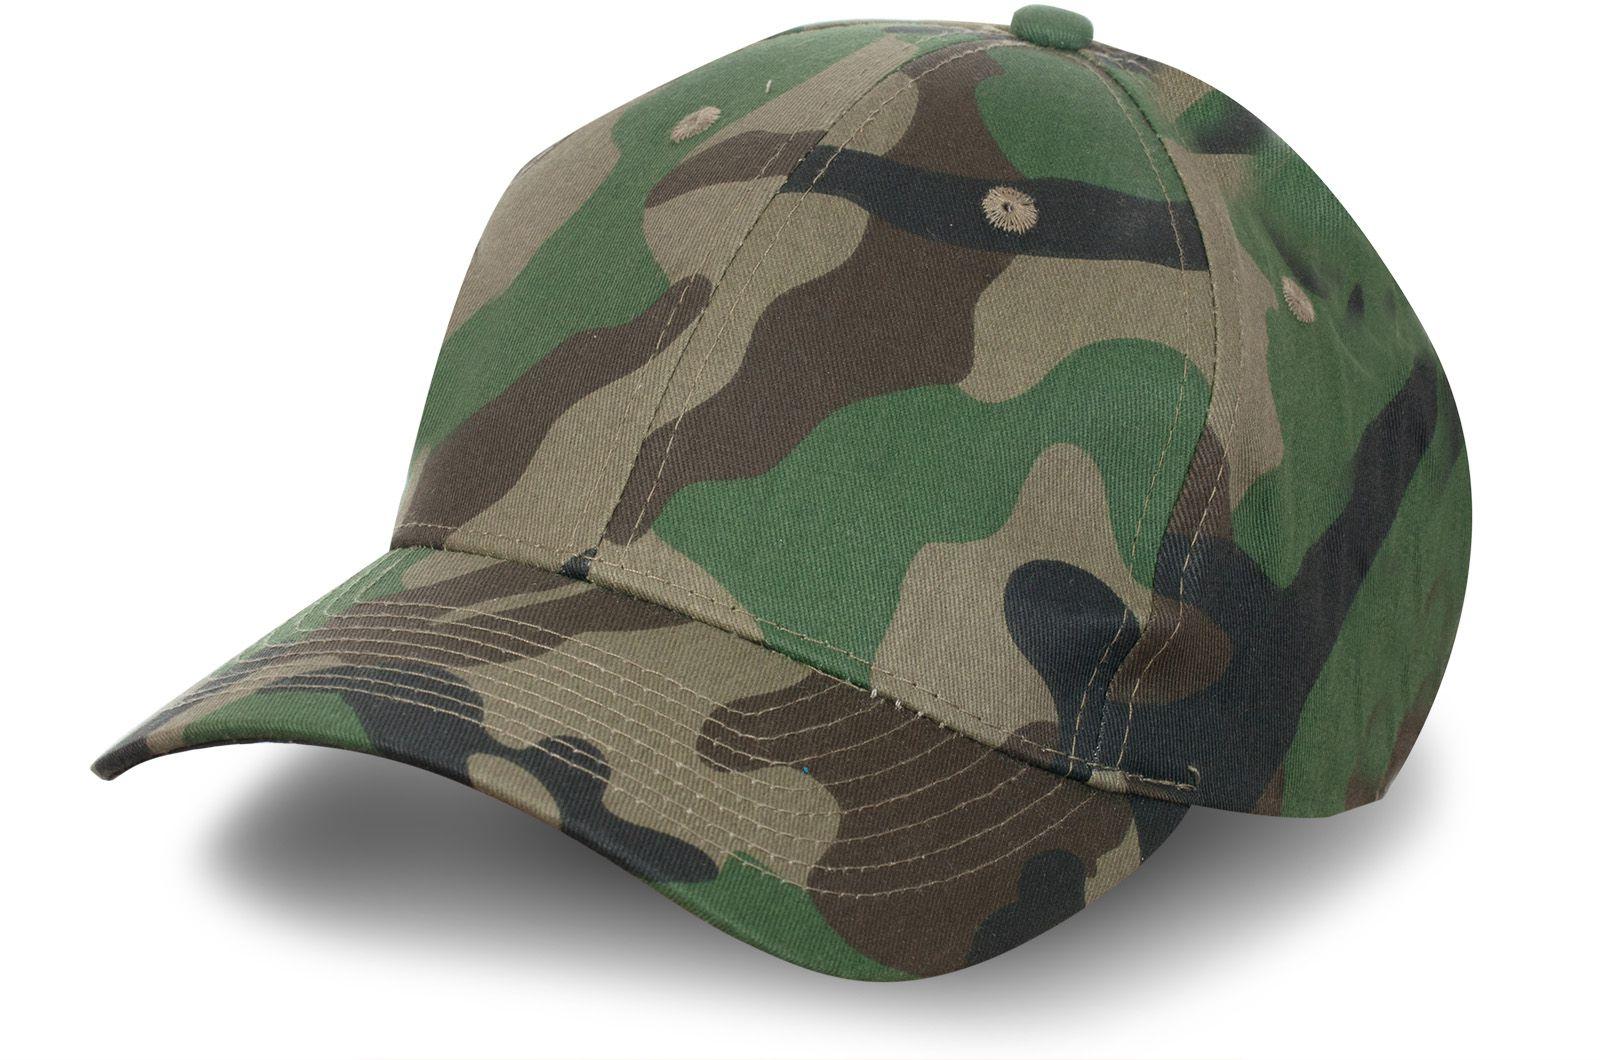 Бейсболка защитного цвета для охоты и рыбалки